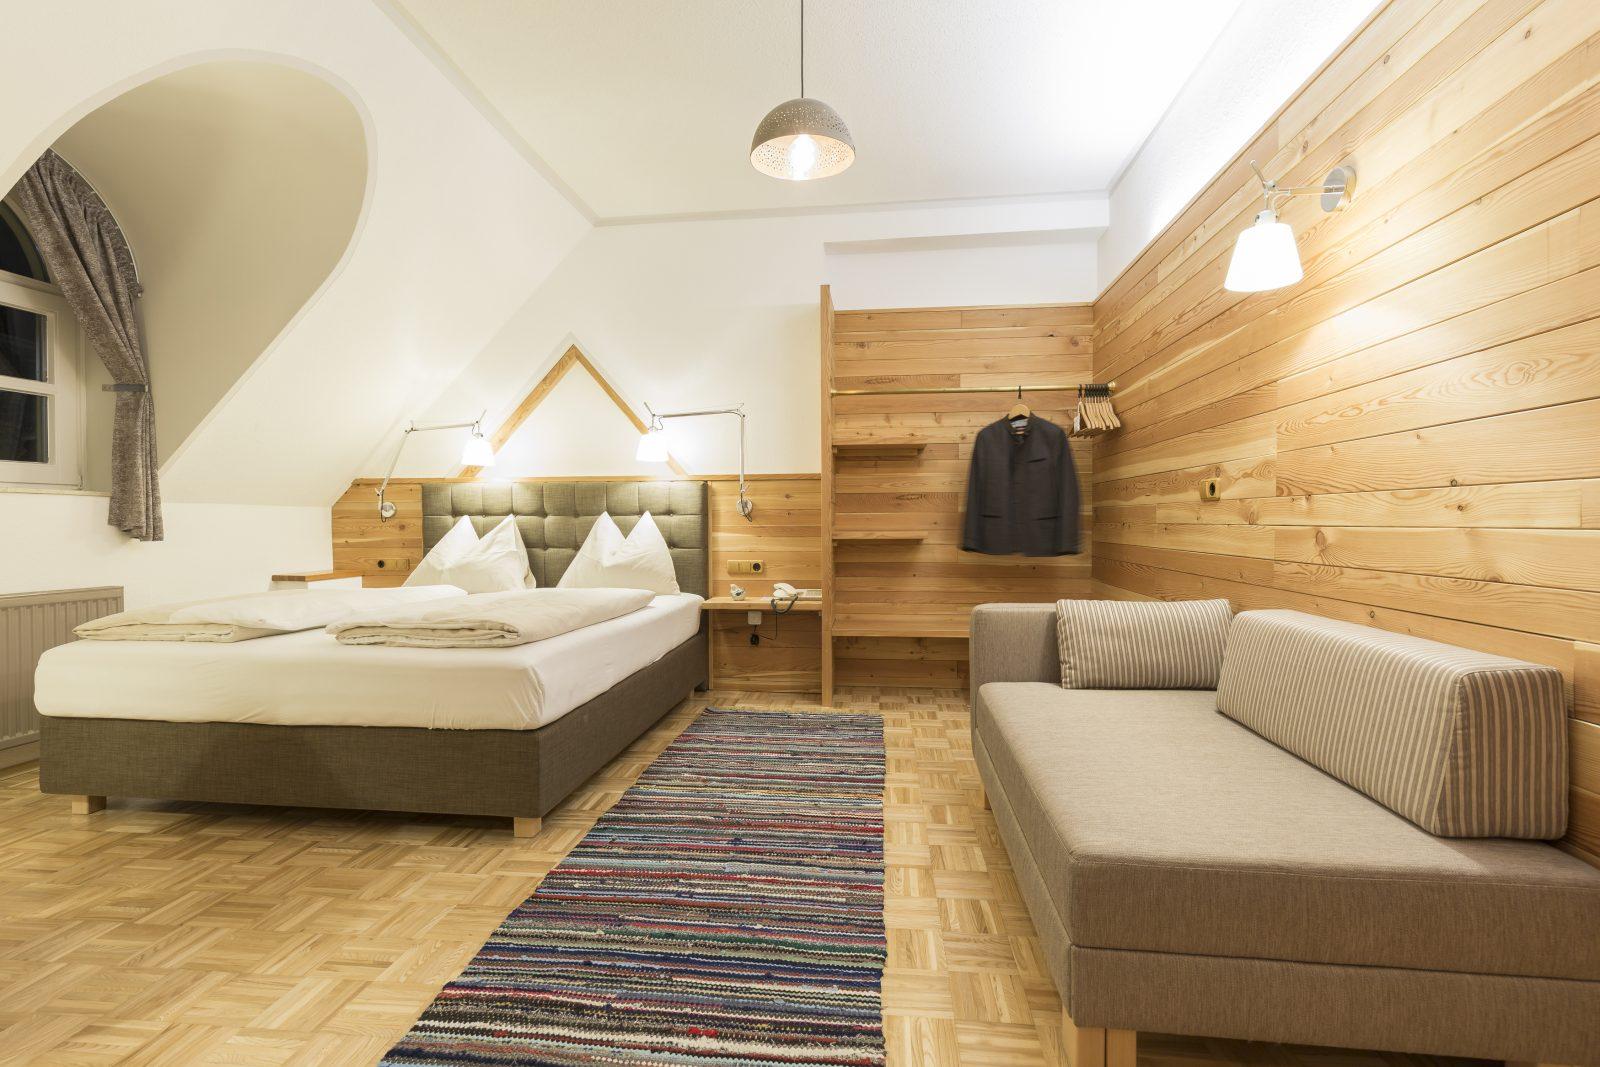 Hotelzimmer mit Lärchenholzvertäfelun und Boxspringbett